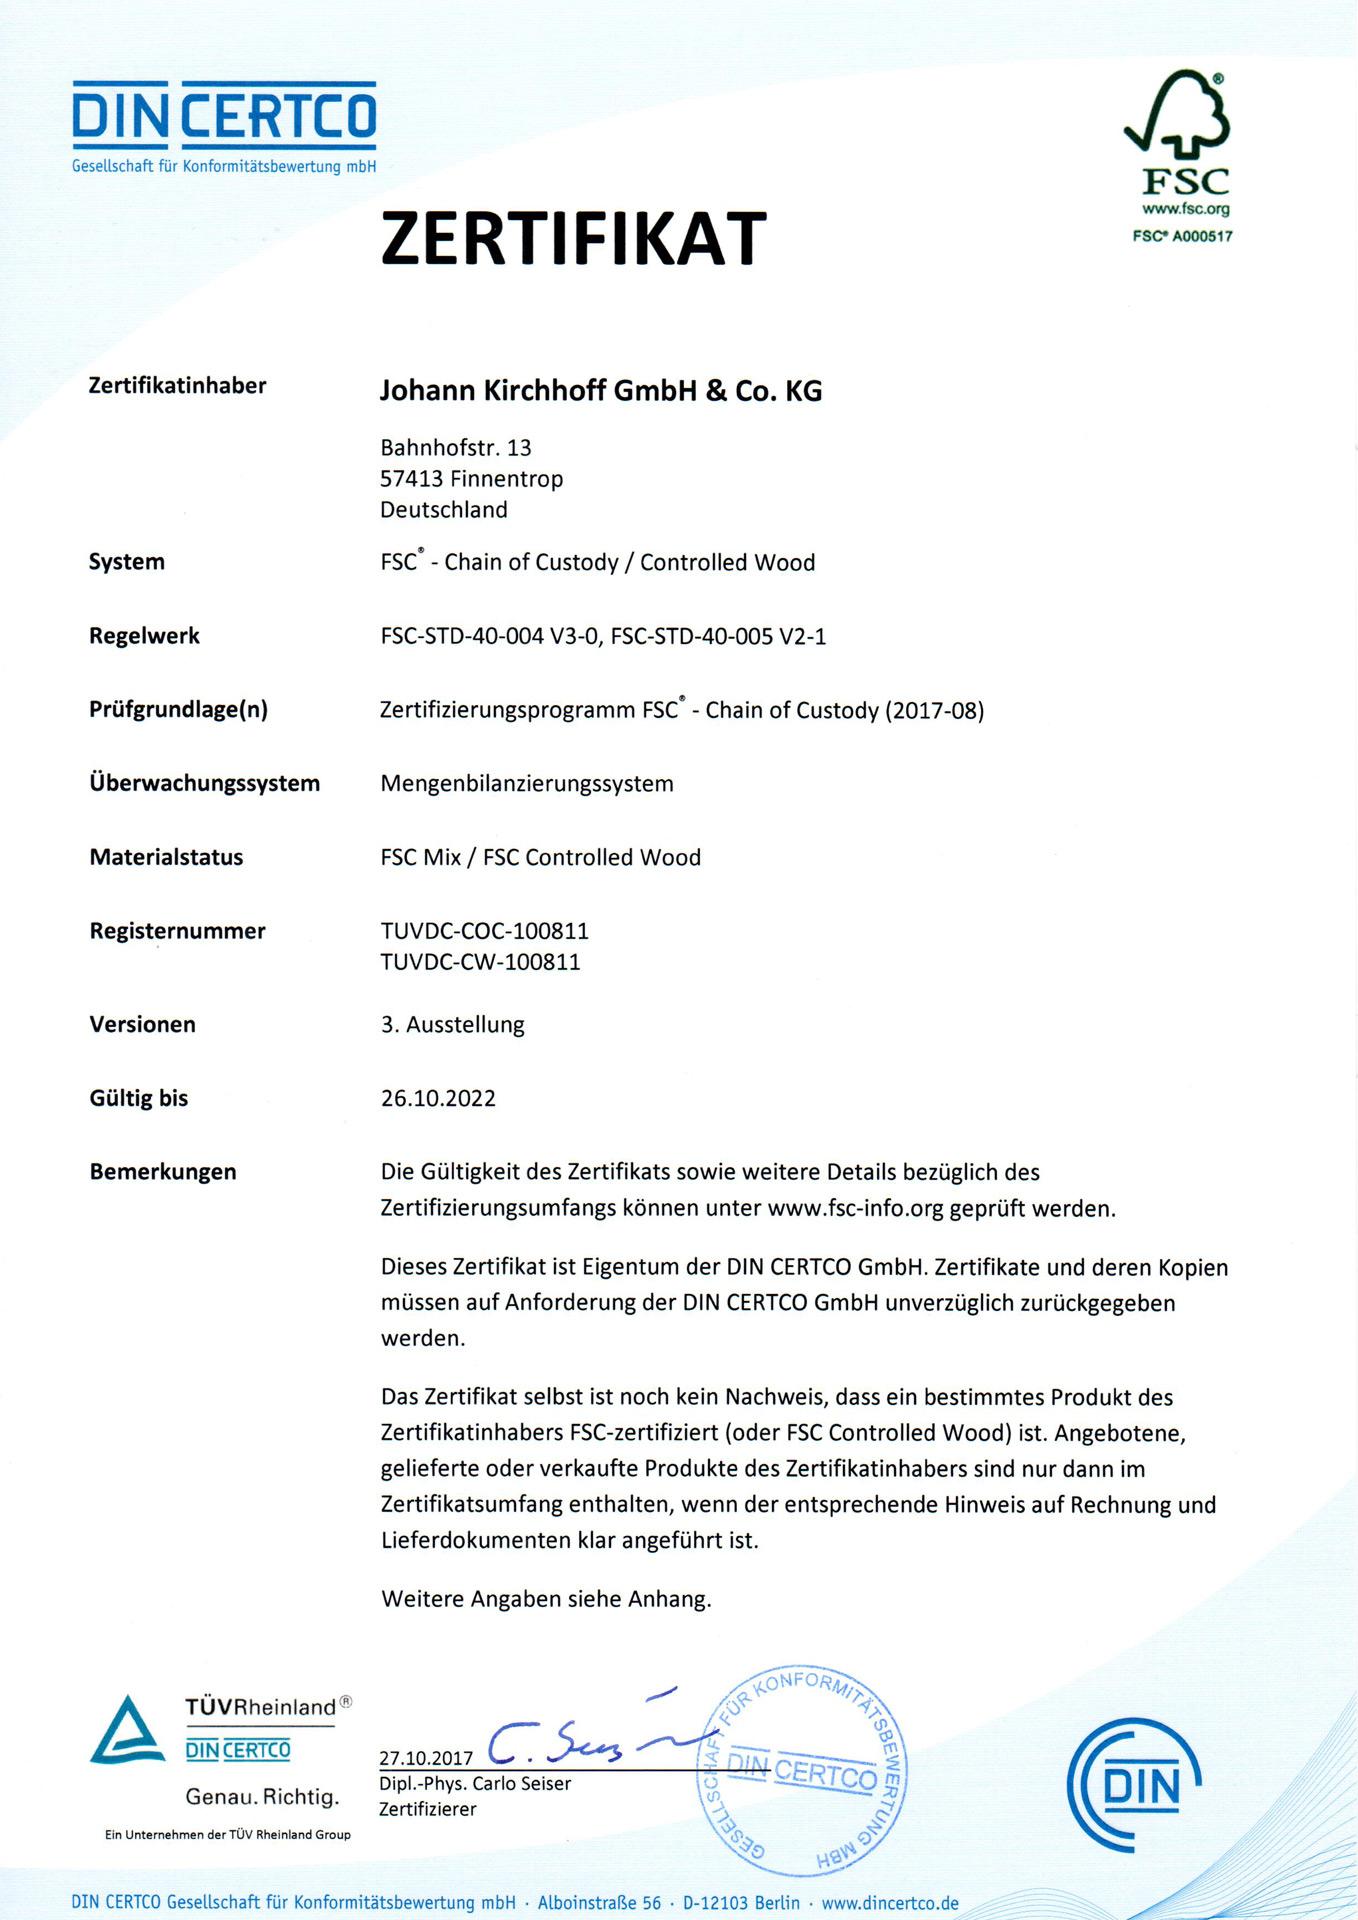 Downloads En Holz Joki Wir Leben Holz Johann Kirchhoff Gmbh